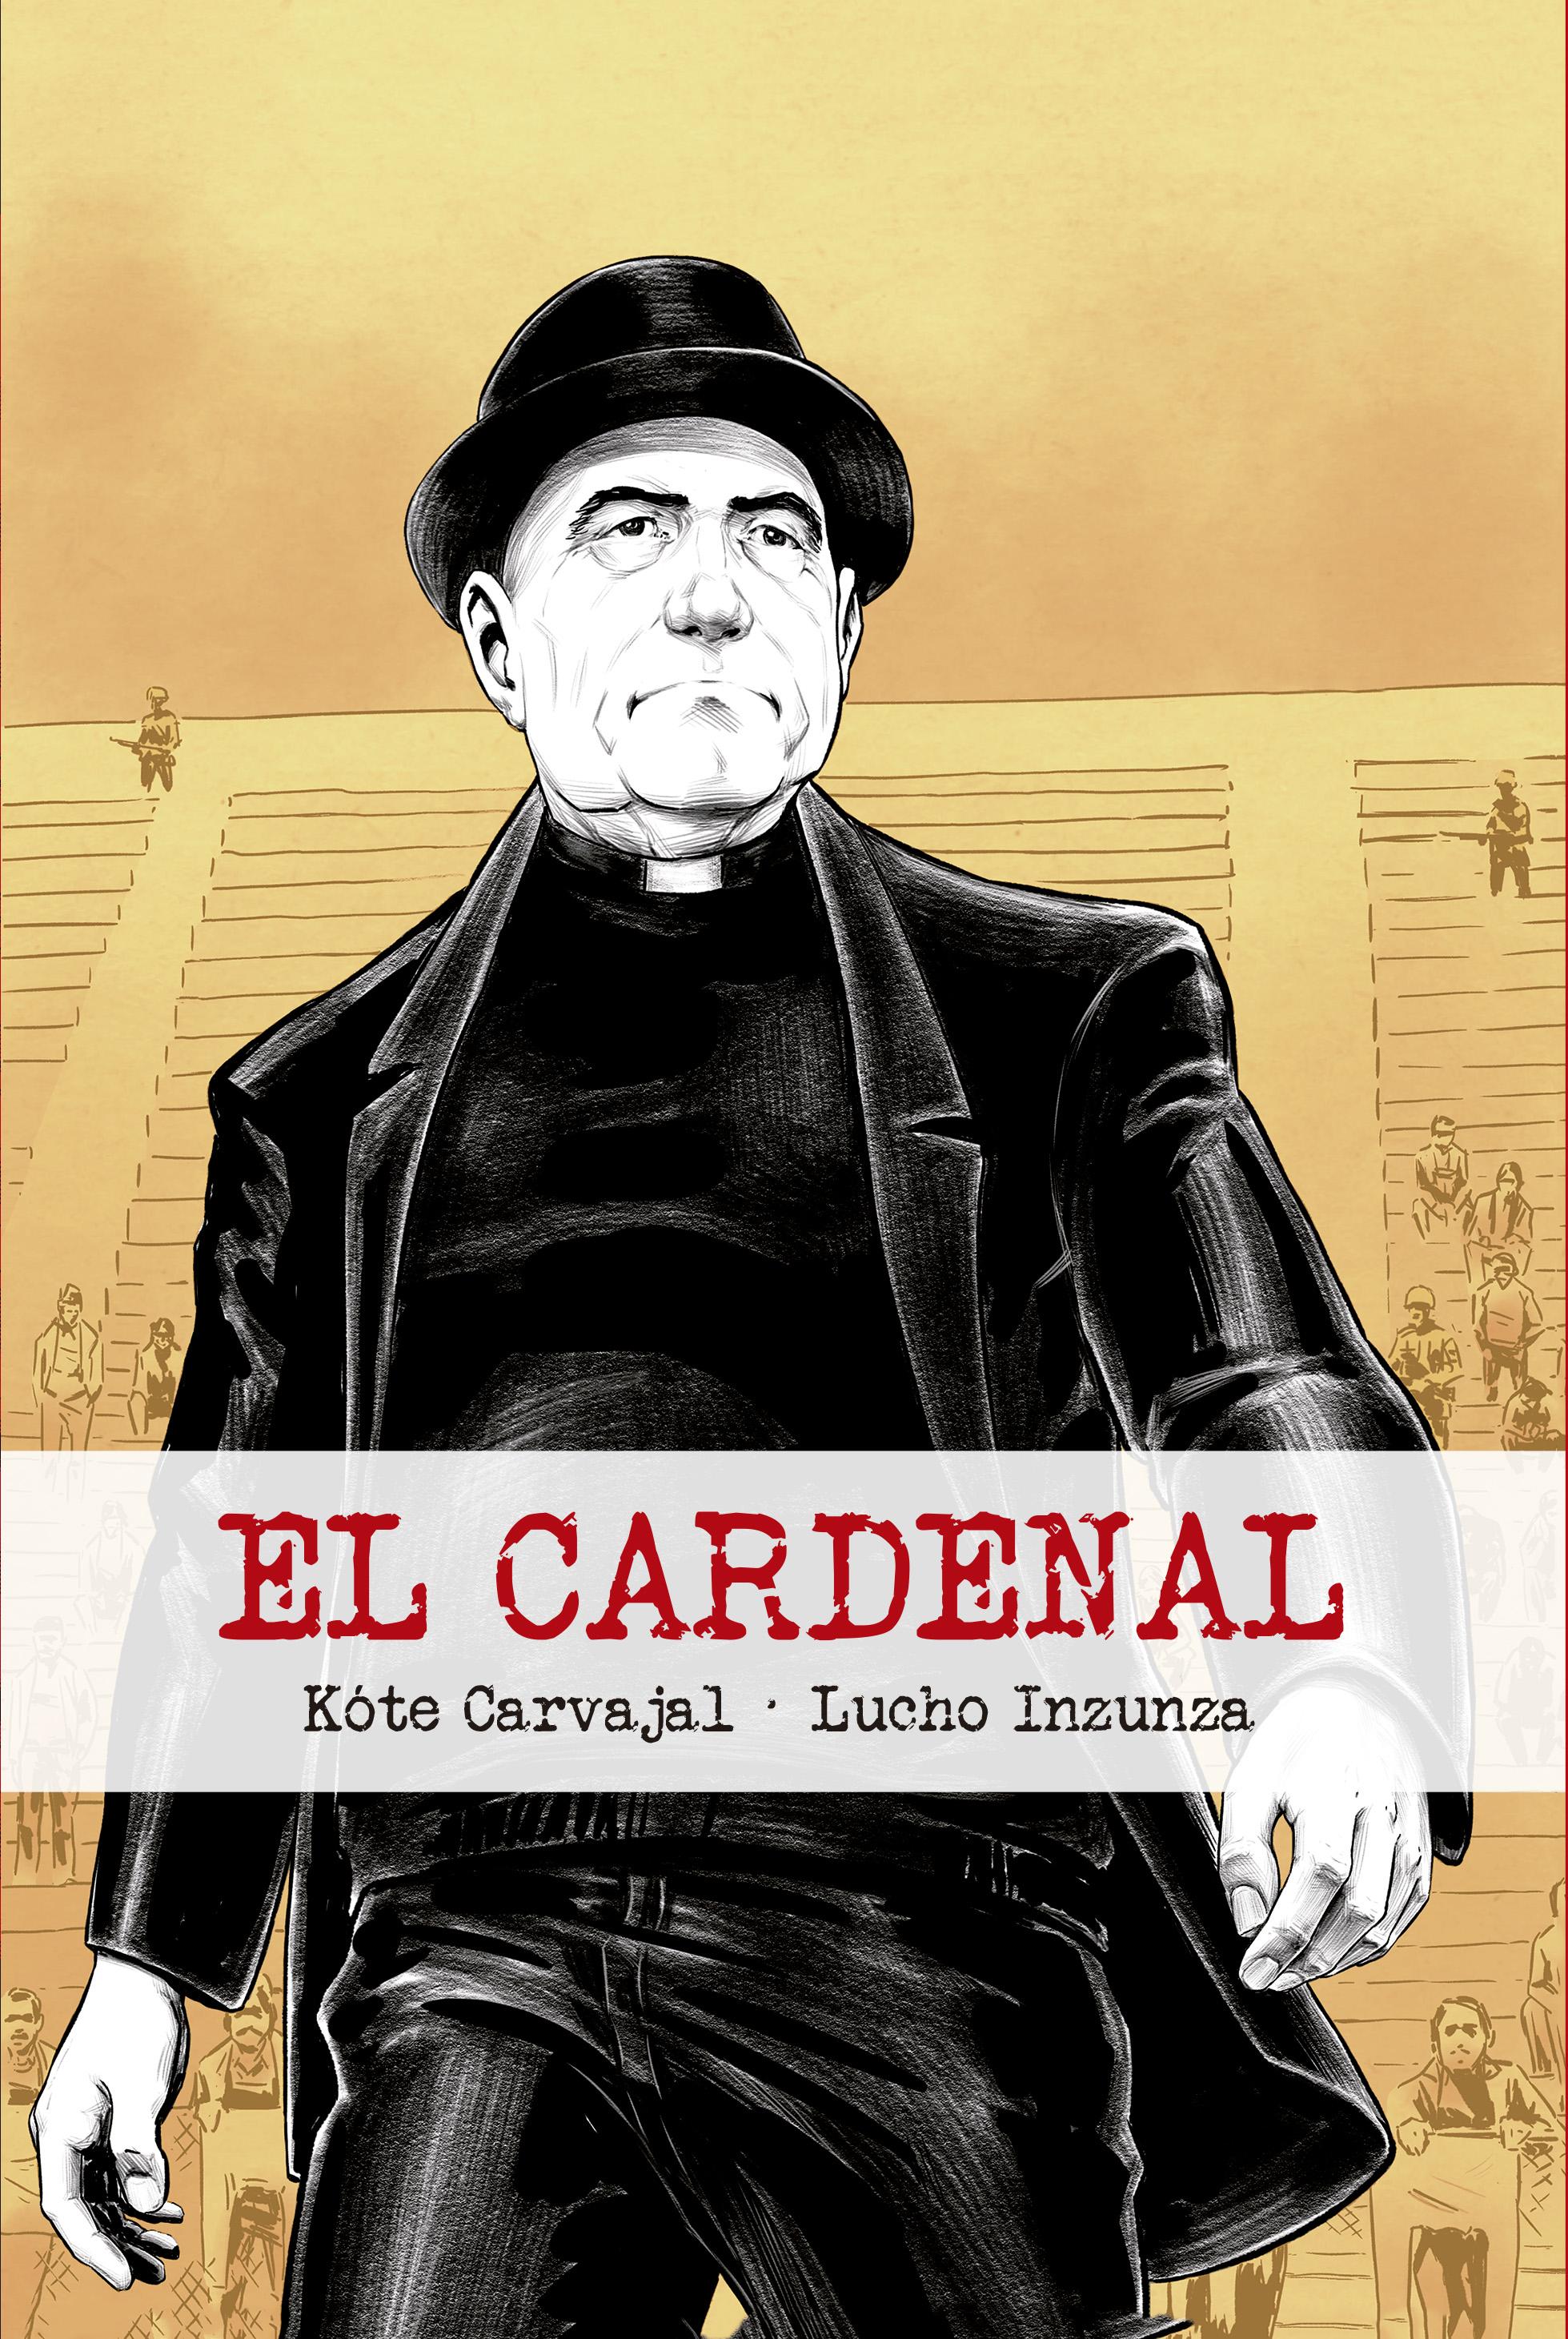 El Cardenal, la novela gráfica sobre los años más difíciles de Silva Henríquez